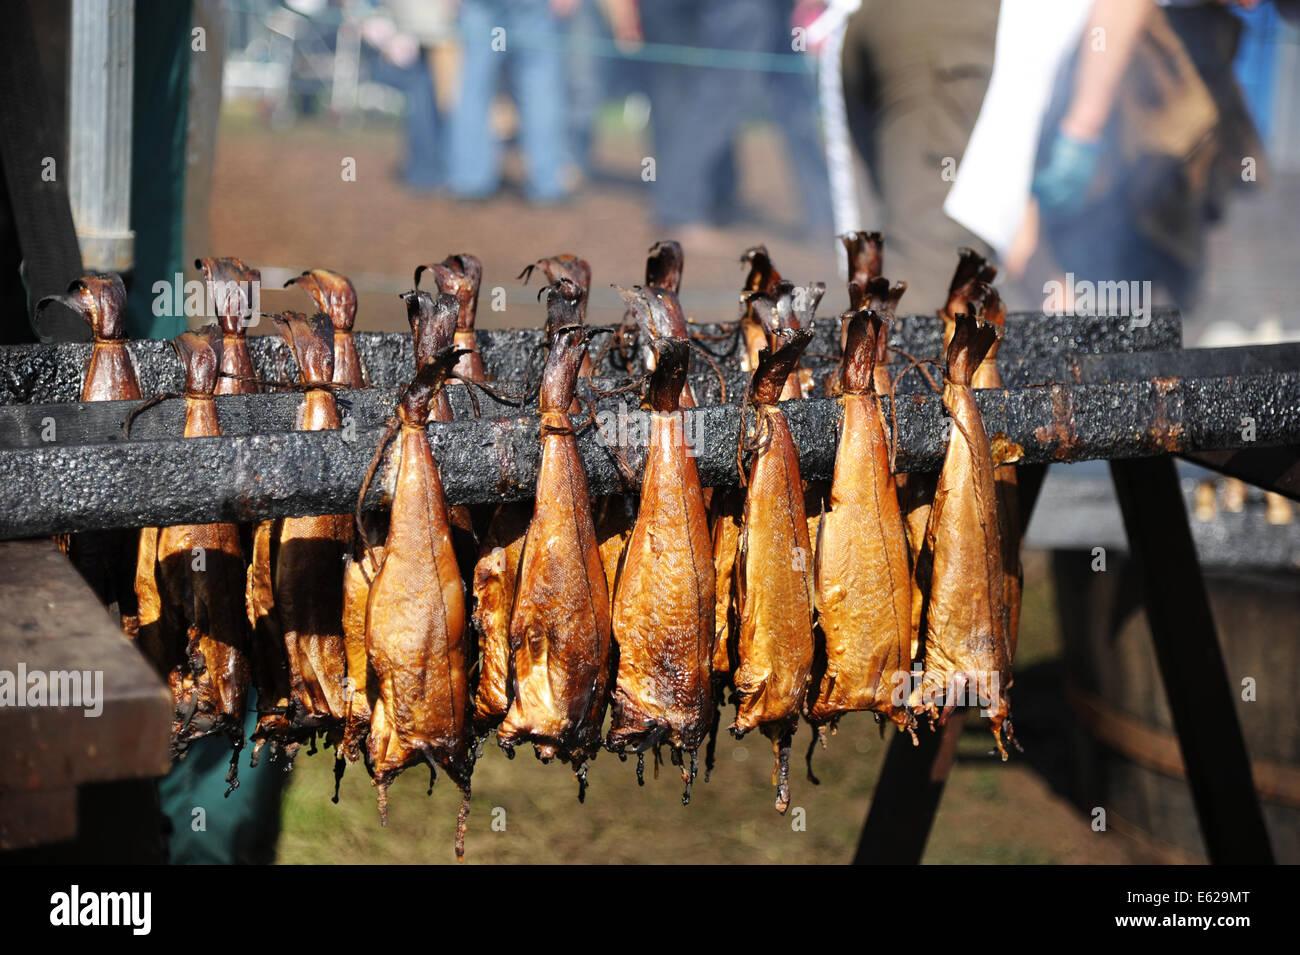 Arbroath smokies after being smoked. - Stock Image